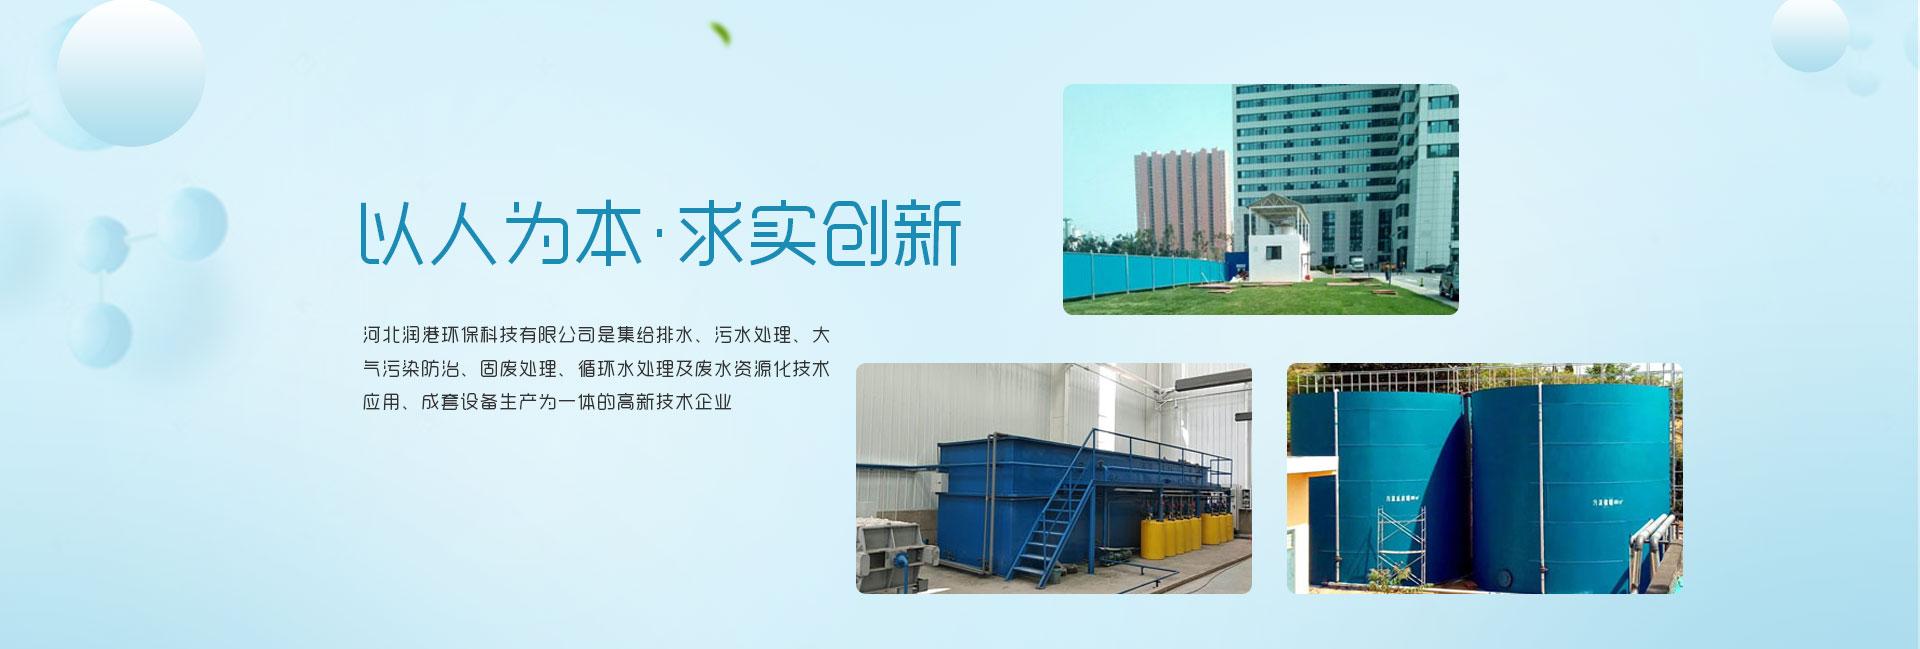 环保工程服务